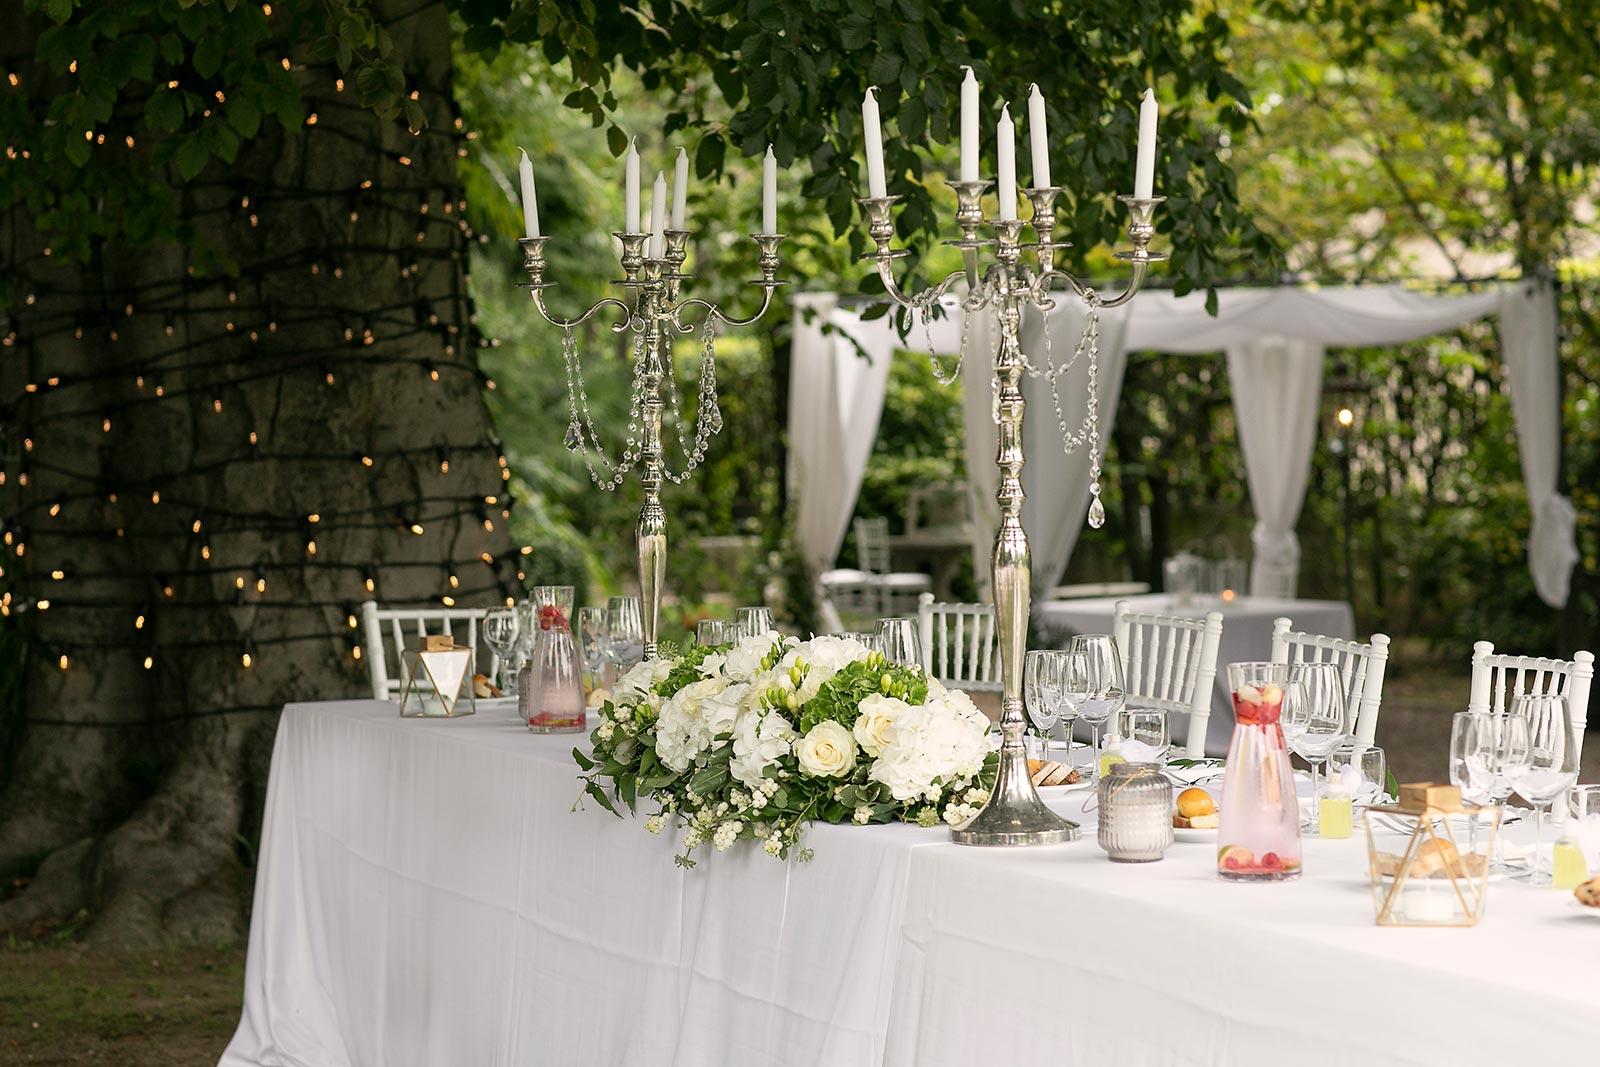 LUXURYEVENTS – Wedding Planner & Designer